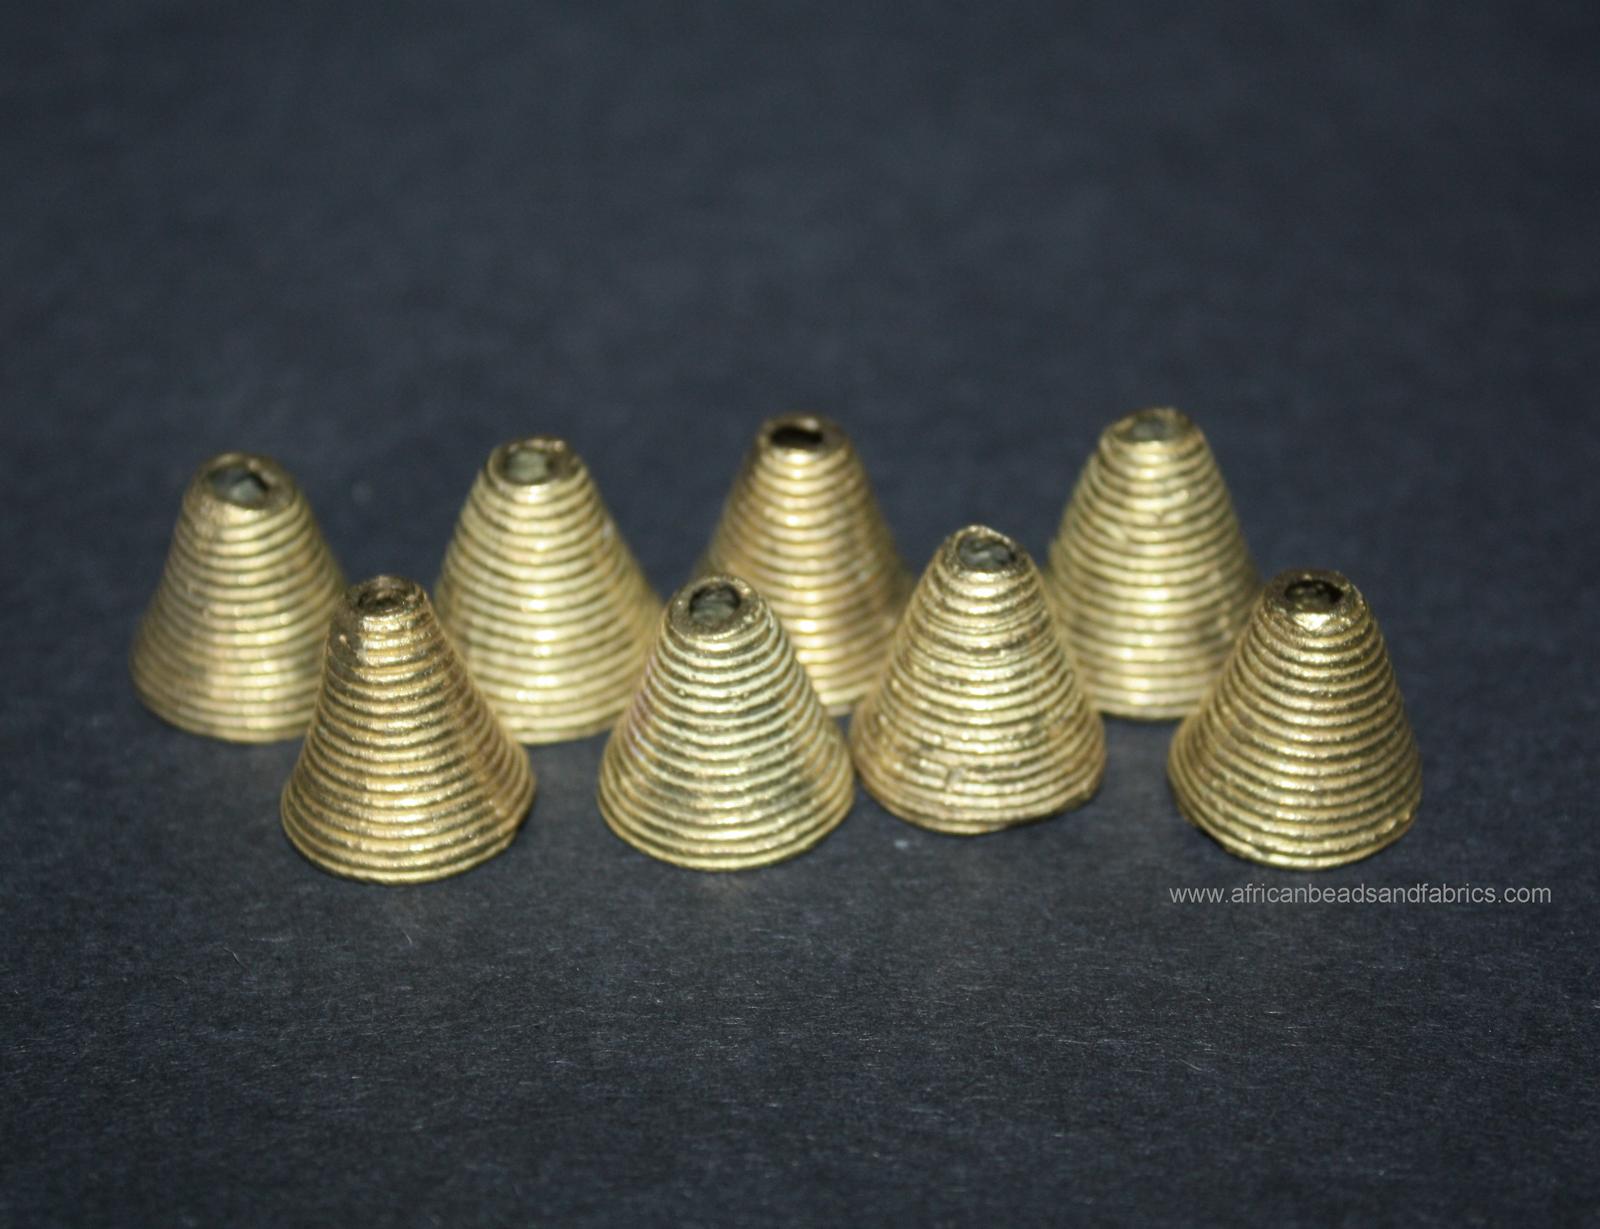 African-brass-cone-beads-stripey-design-watermarked